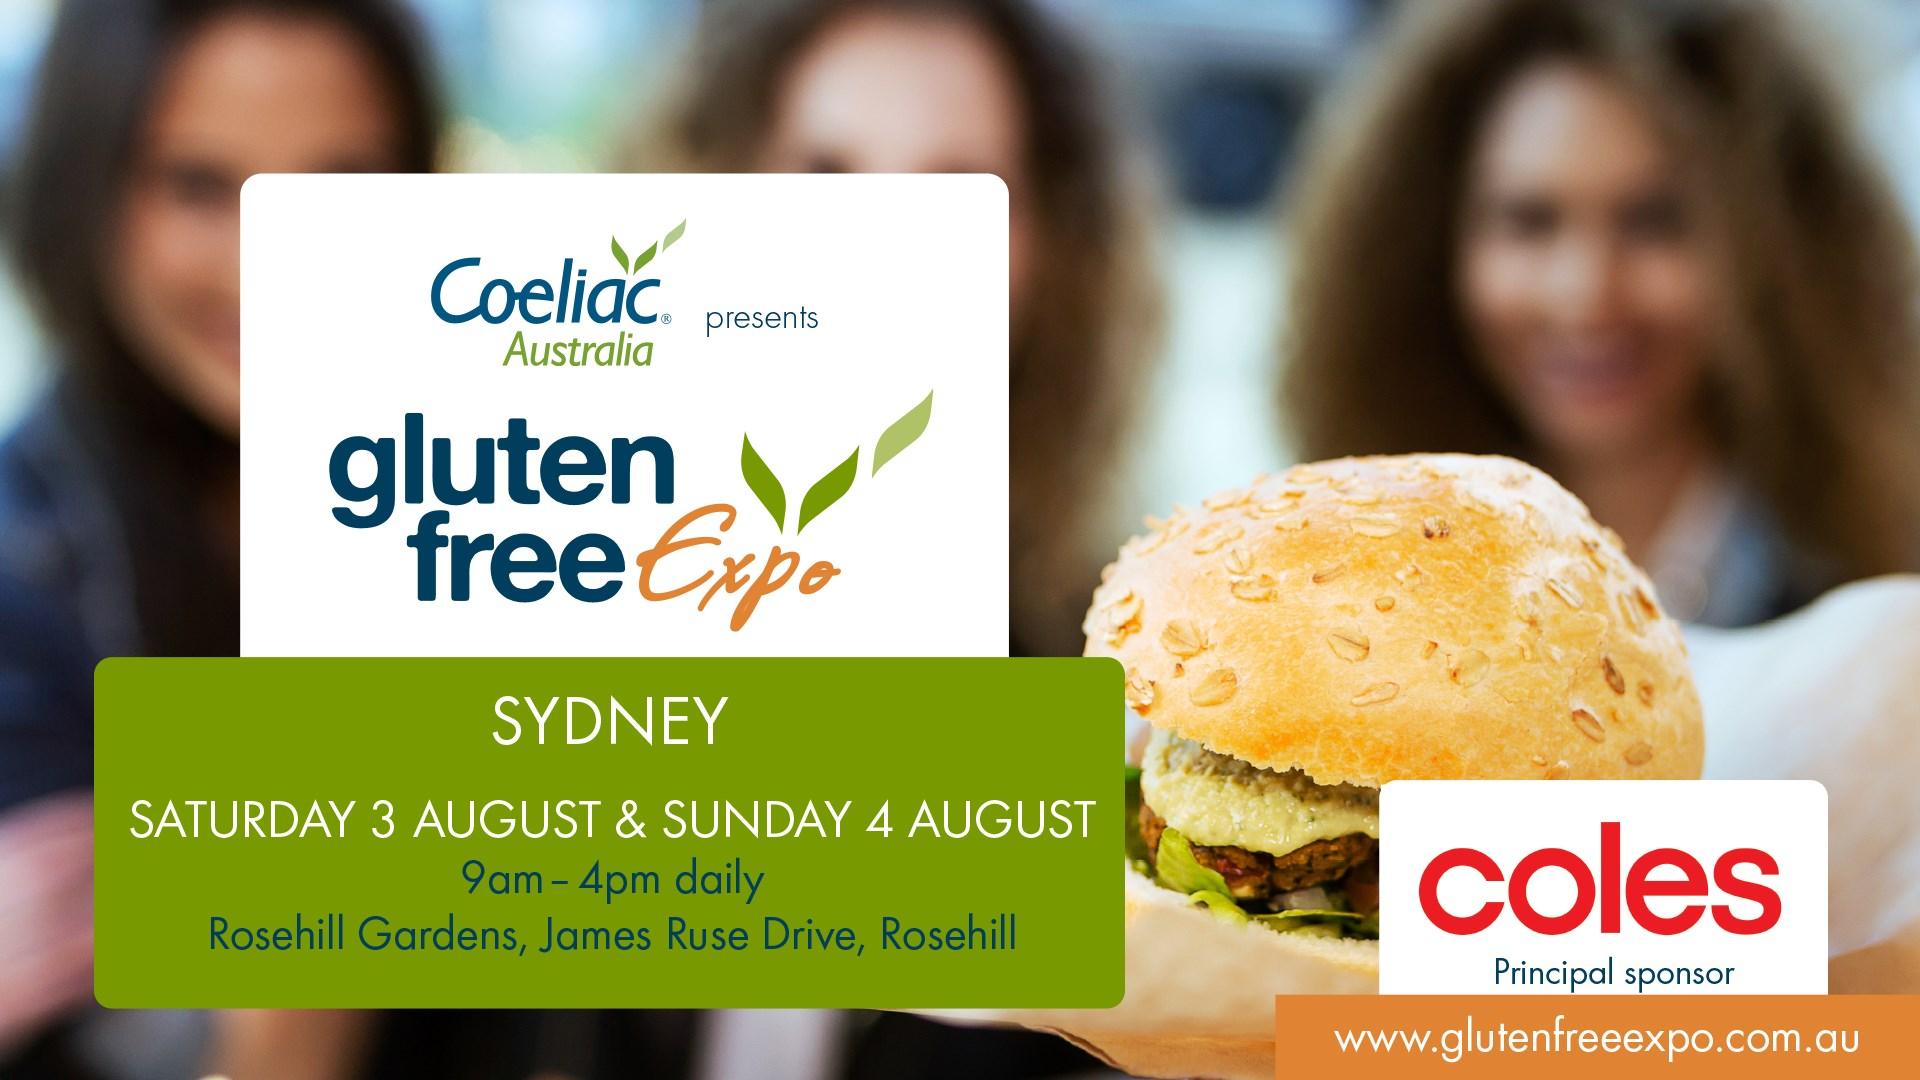 gluten free expo sydney